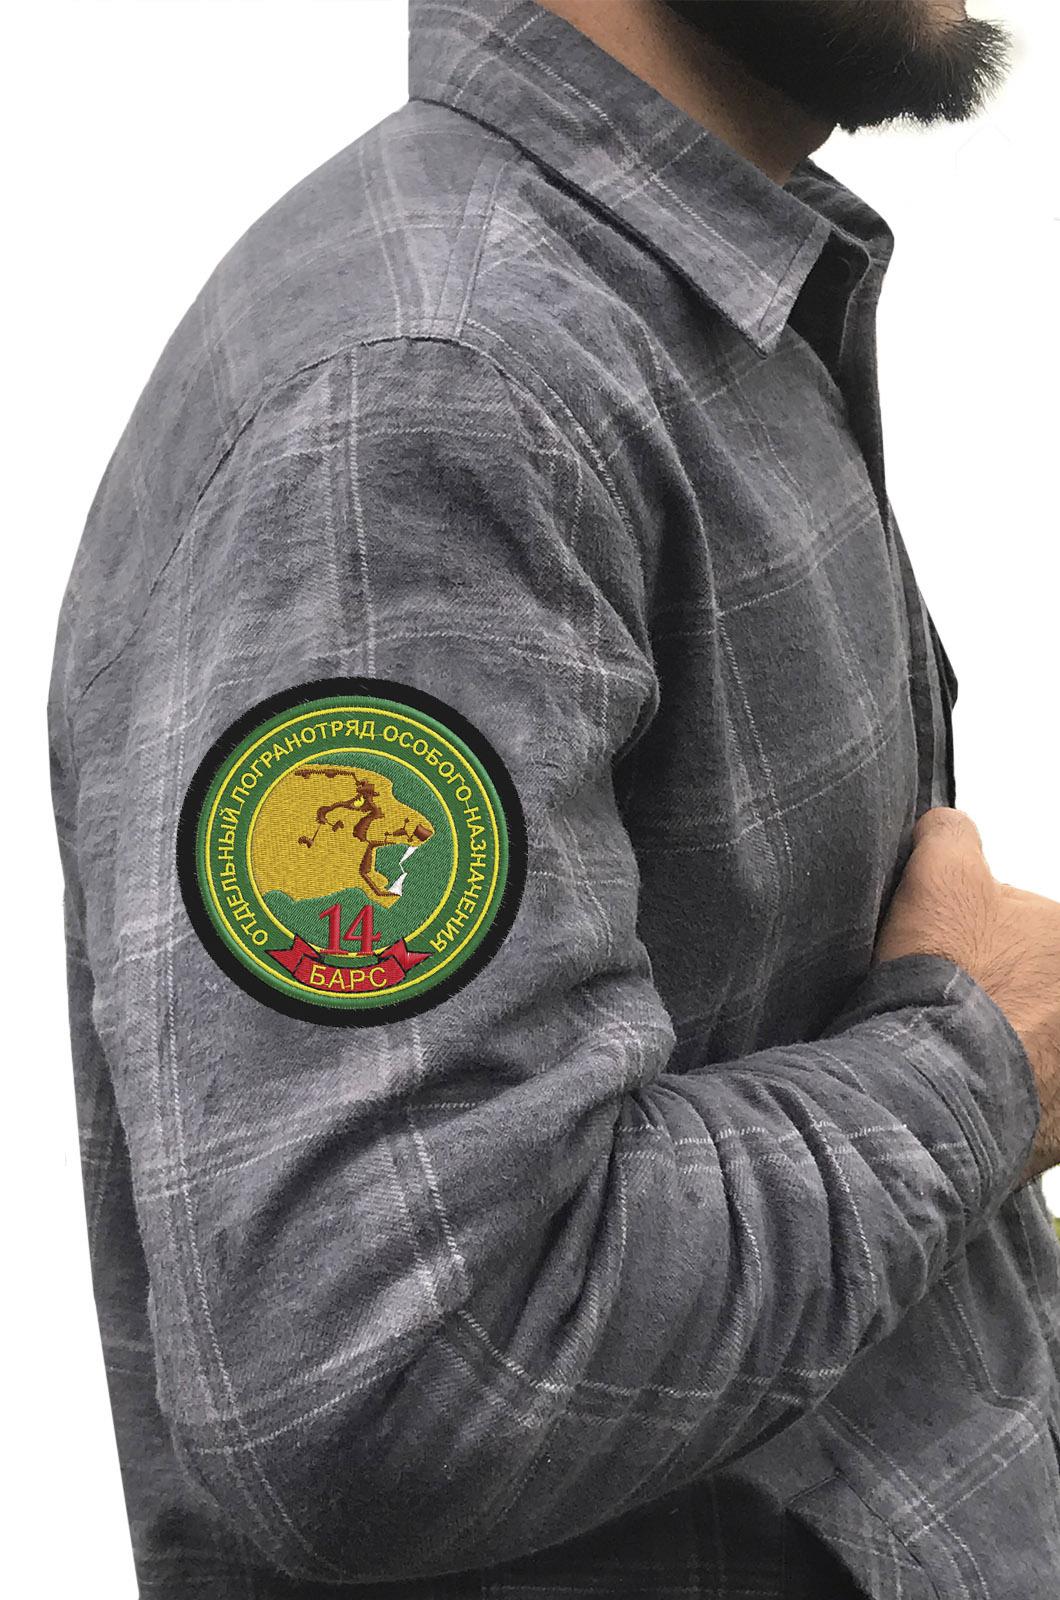 Рубашка с шевроном Пограничника купить с доставкой